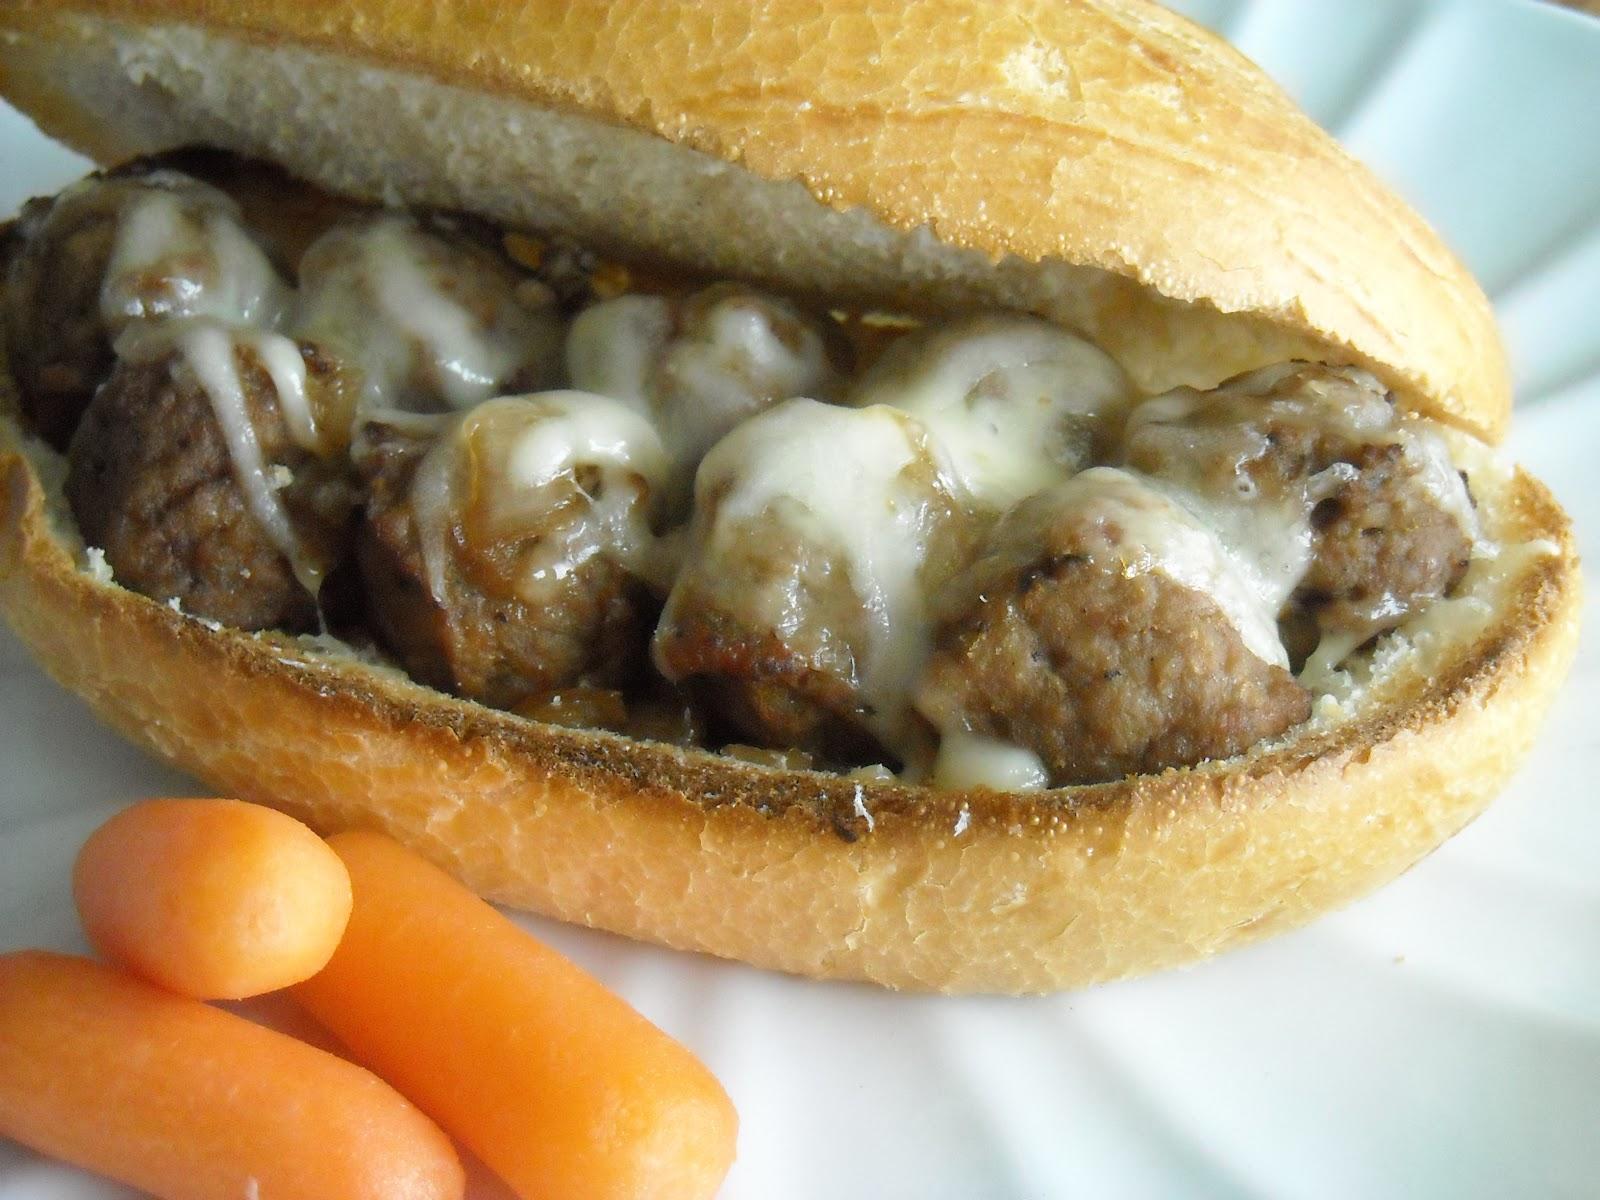 Slow Cooker Bavarian Meatball Sandwich Recipe | Six Sisters' Stuff